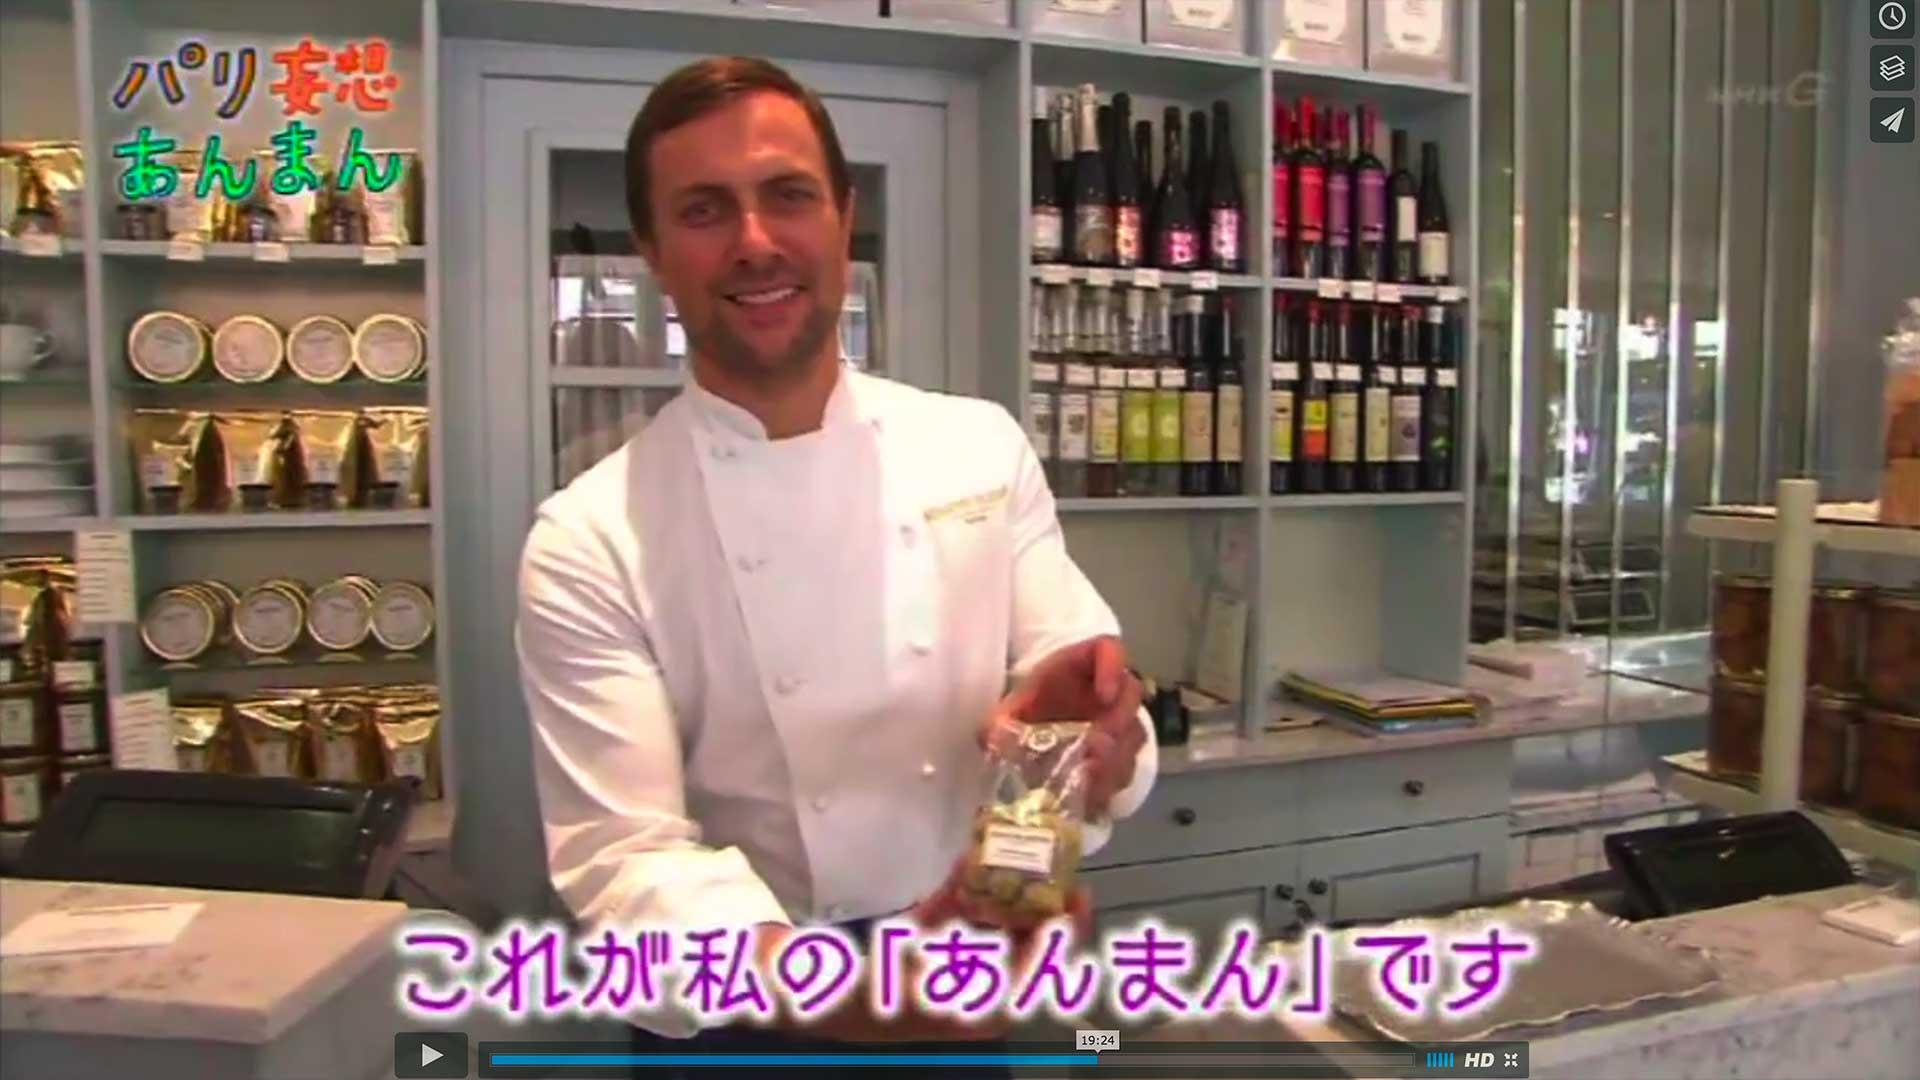 Moso Nihon Ryori 妄想ニホン料理